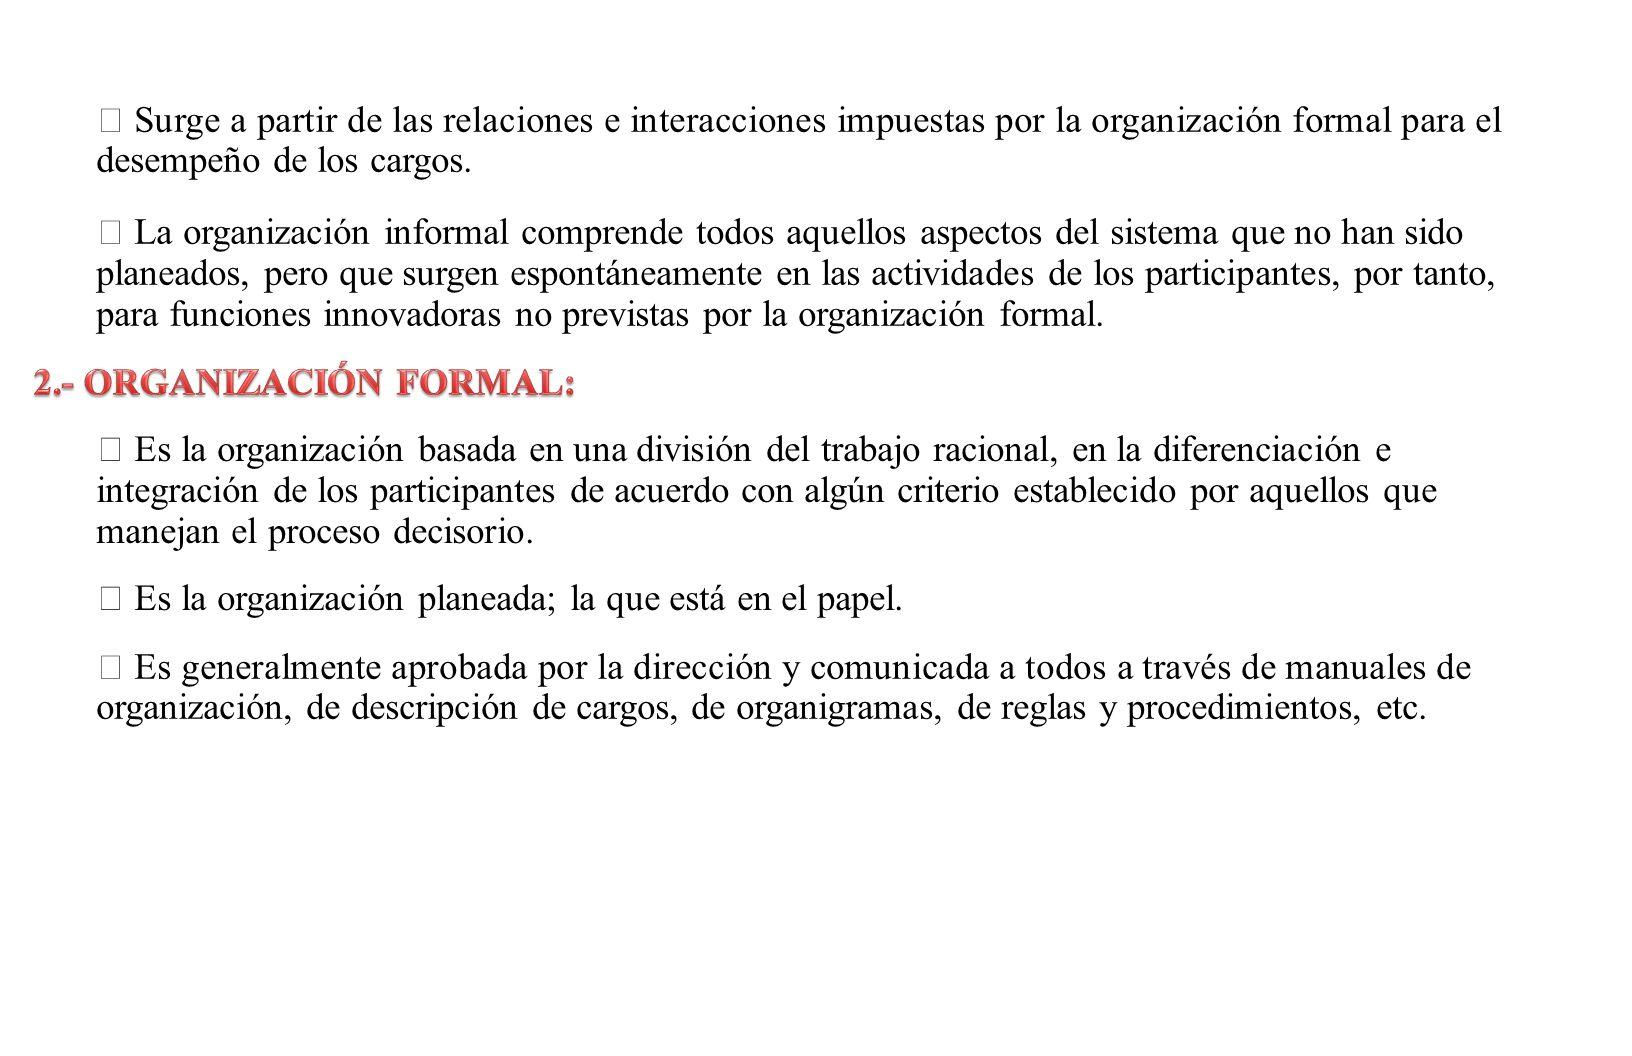 Surge a partir de las relaciones e interacciones impuestas por la organización formal para el desempeño de los cargos.